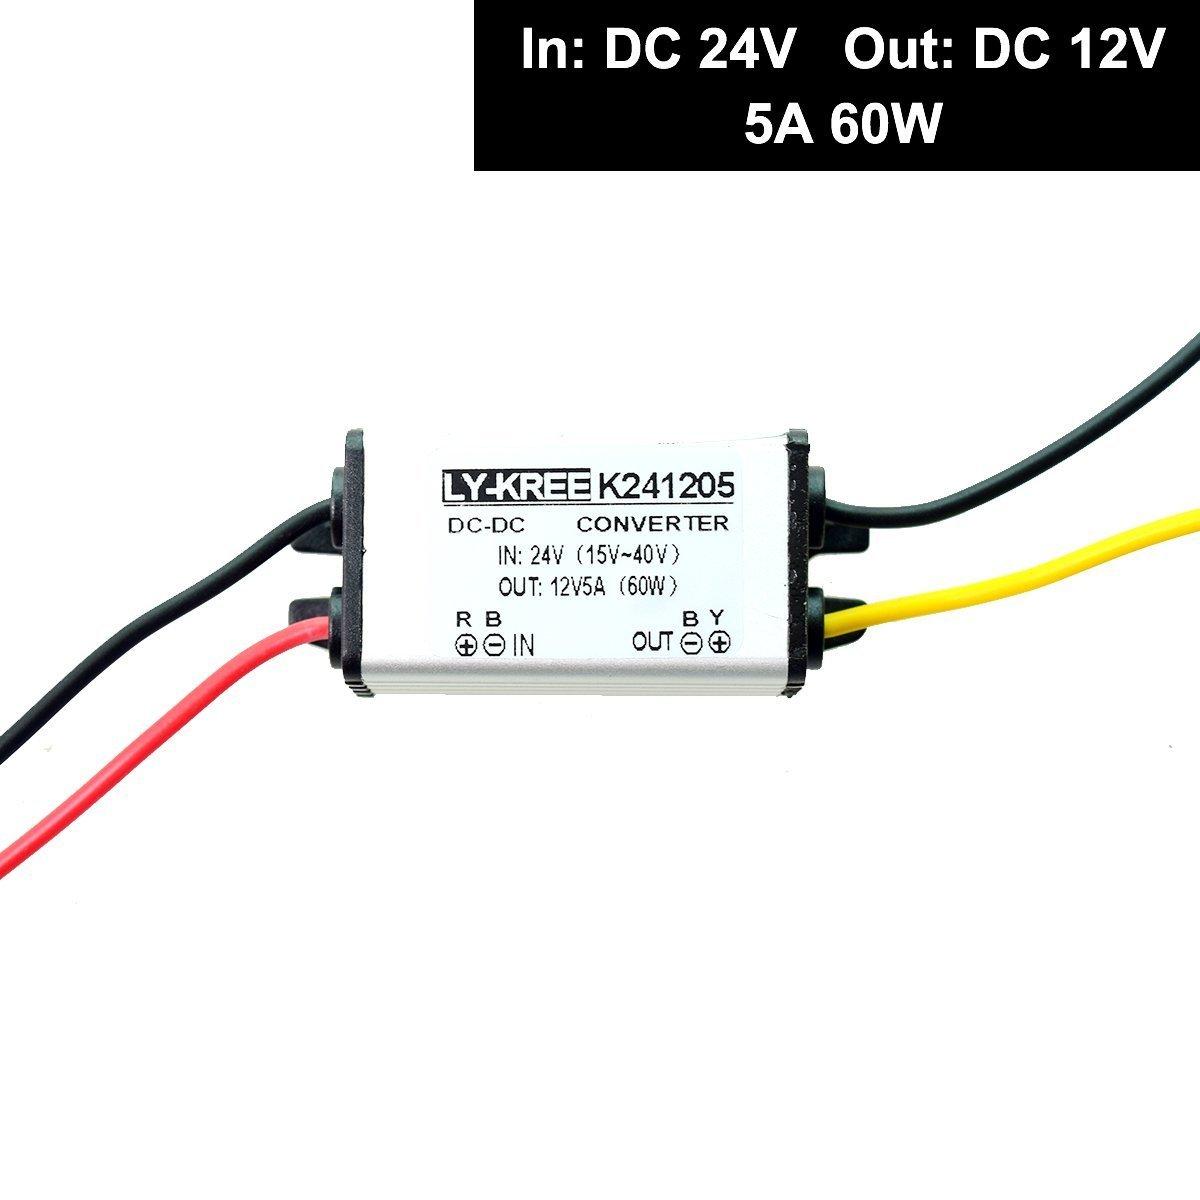 CC 24v a 12v Paso Abajo Convertidor Descenso Reducer Regulador 5A 60W Poder Suministro Adaptador para